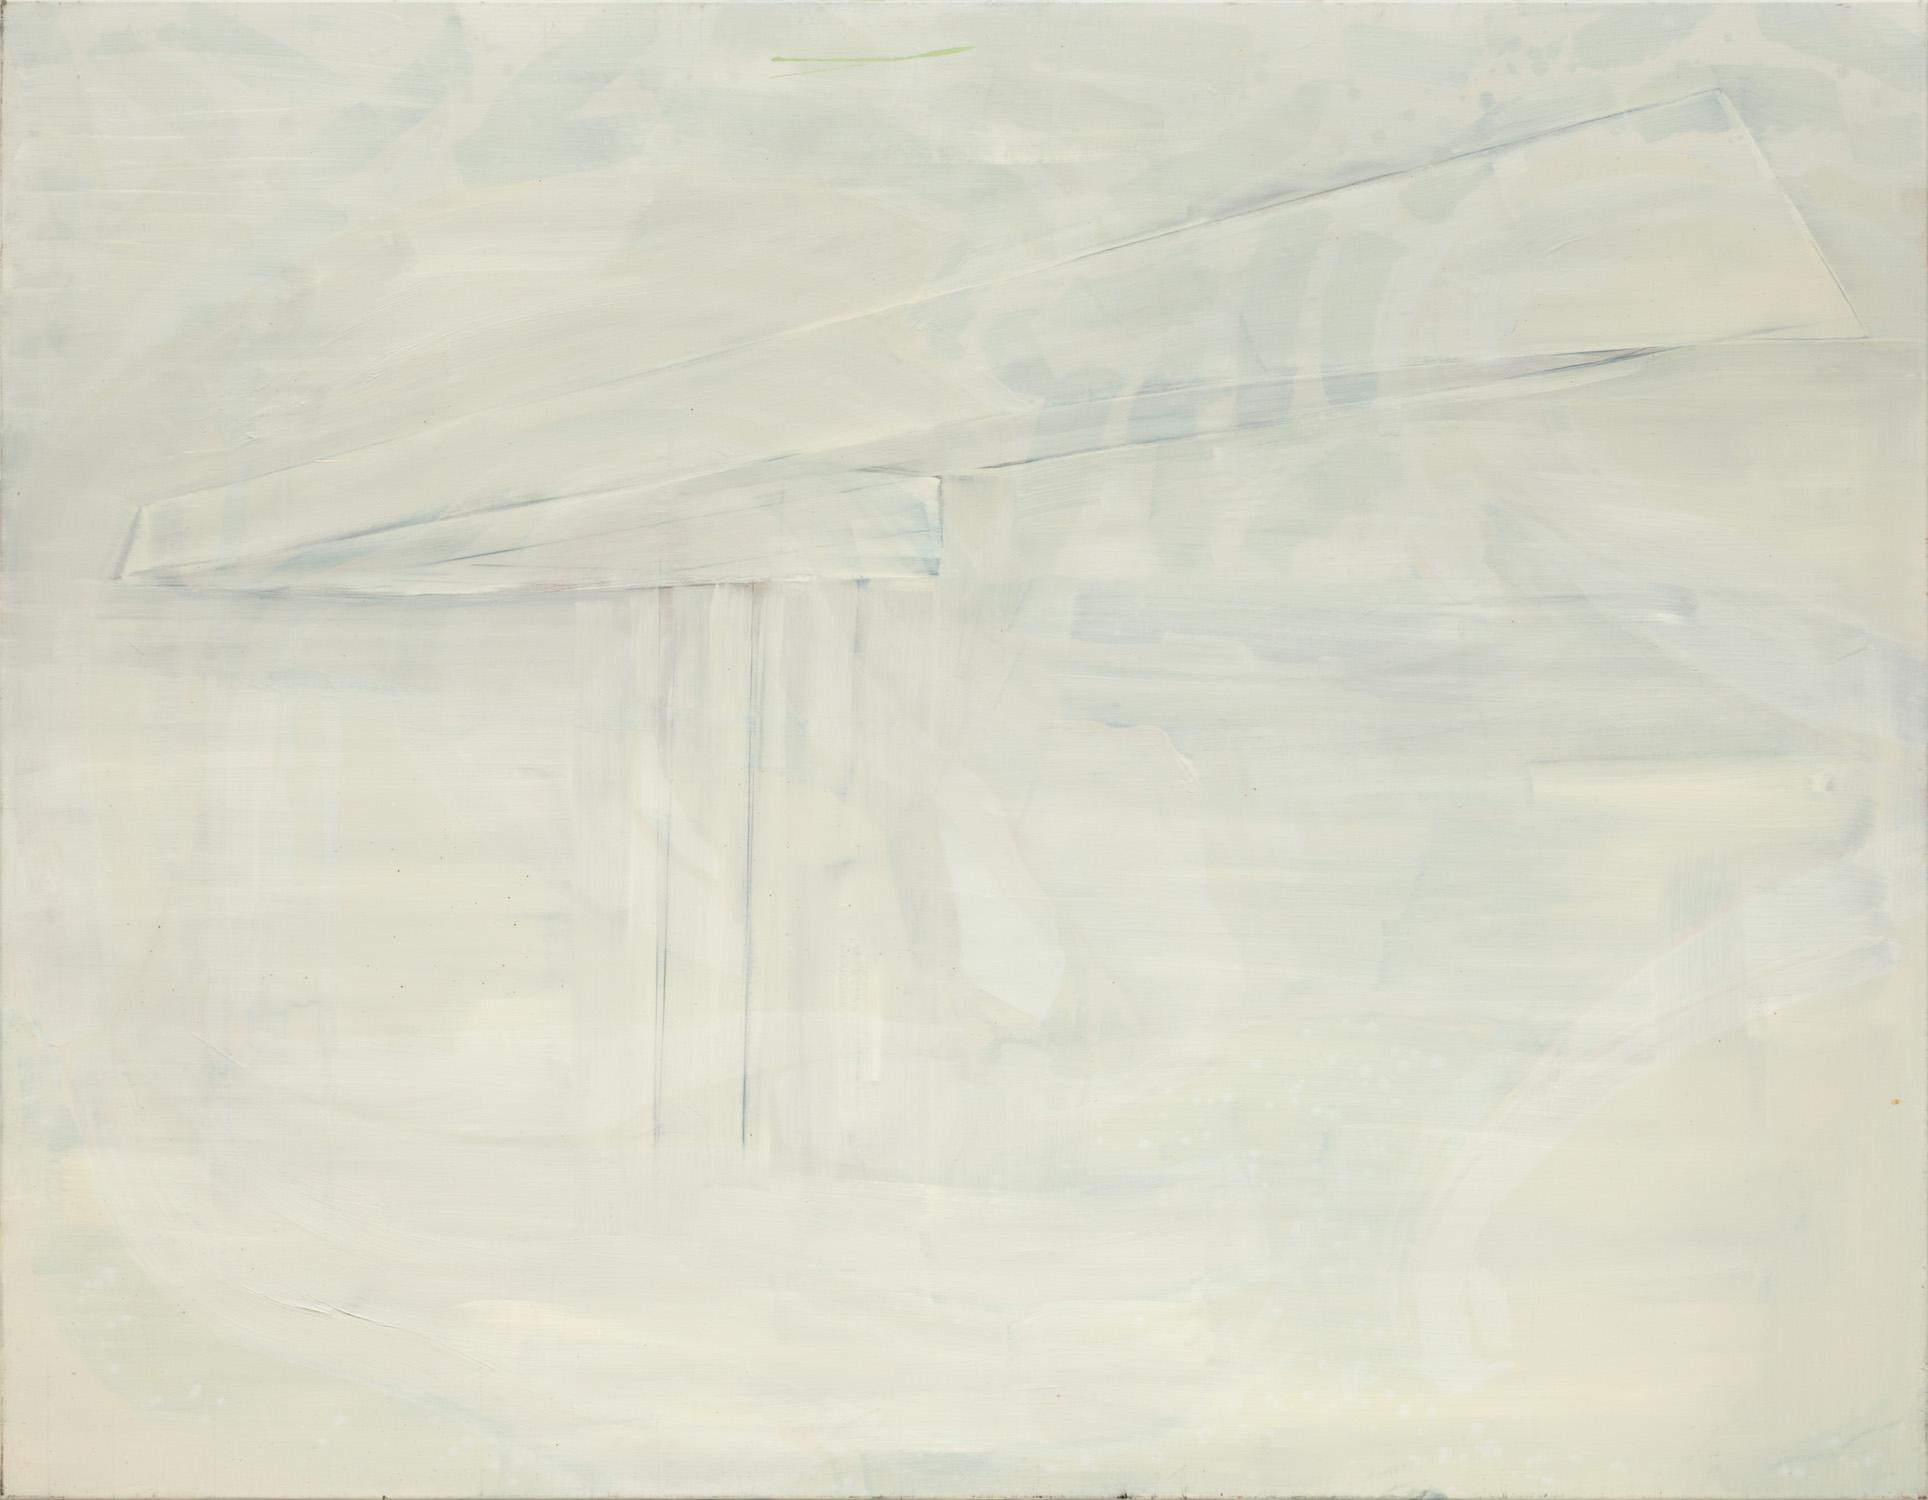 Titel onbekend (LO-08), olieverf op linnen, 180 x 140 cm, Nico Bakker